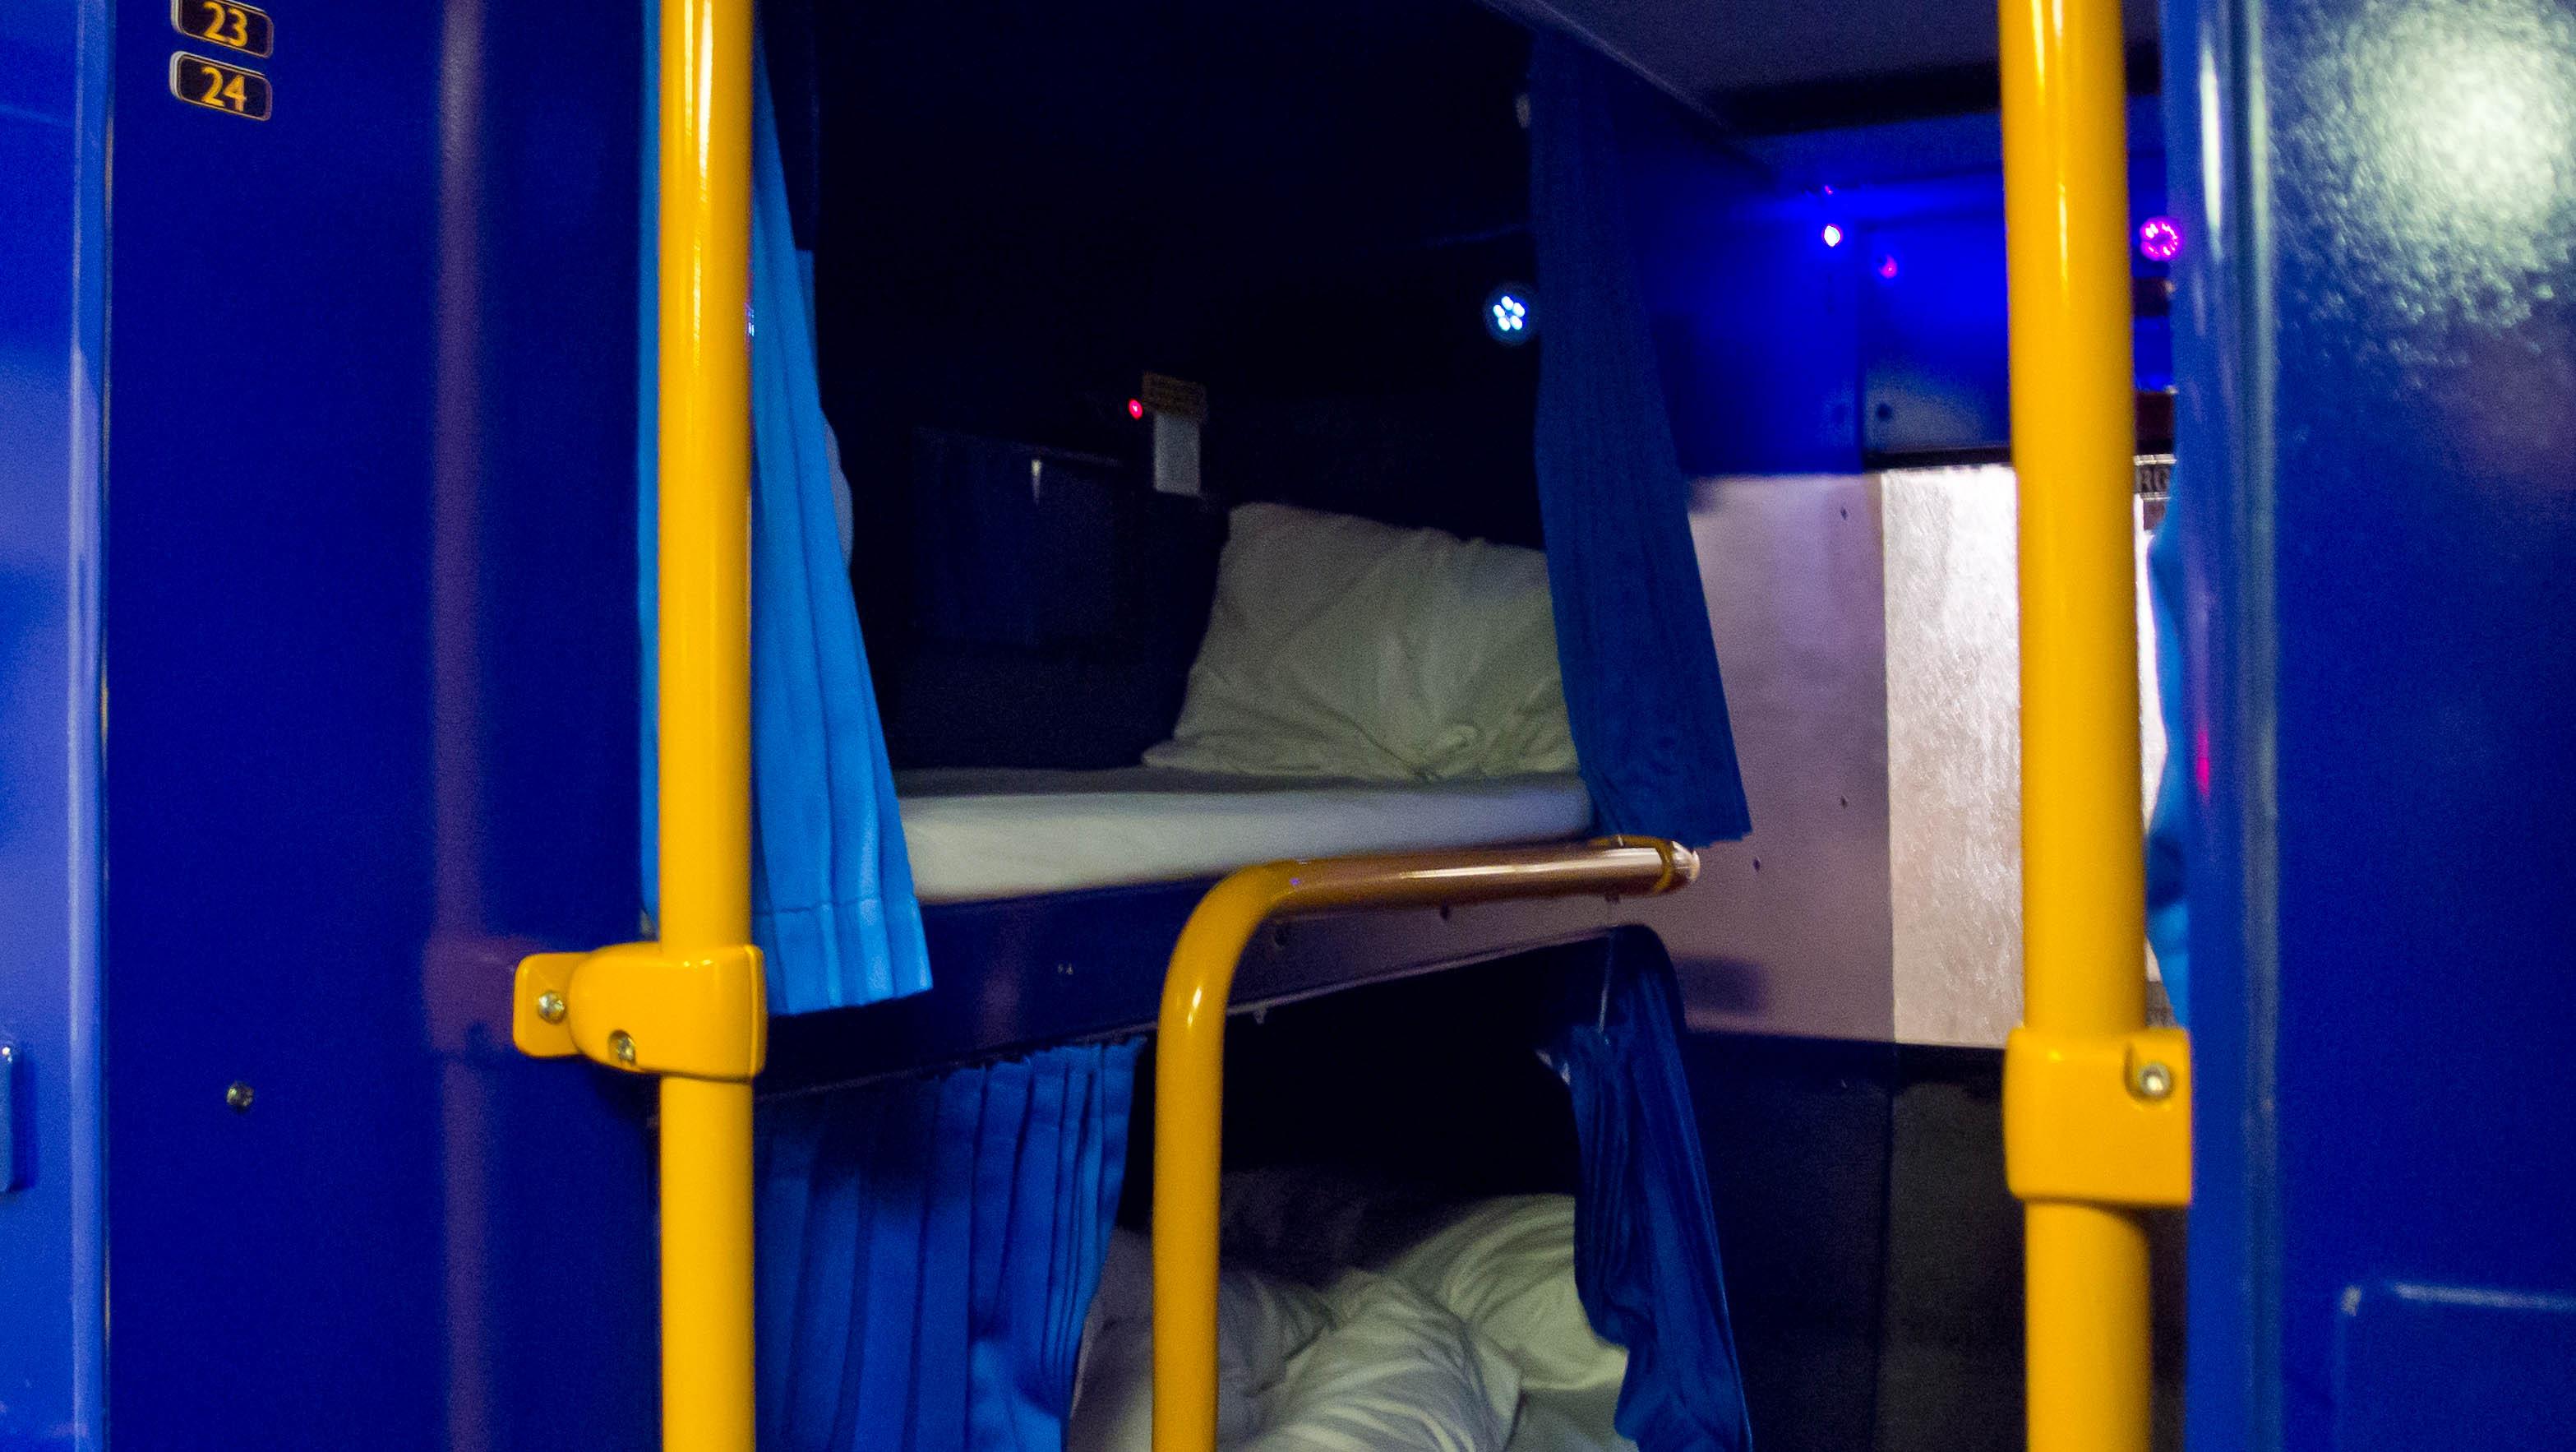 File:Megabus sleeper coach 51062.jpg - Wikimedia Commons